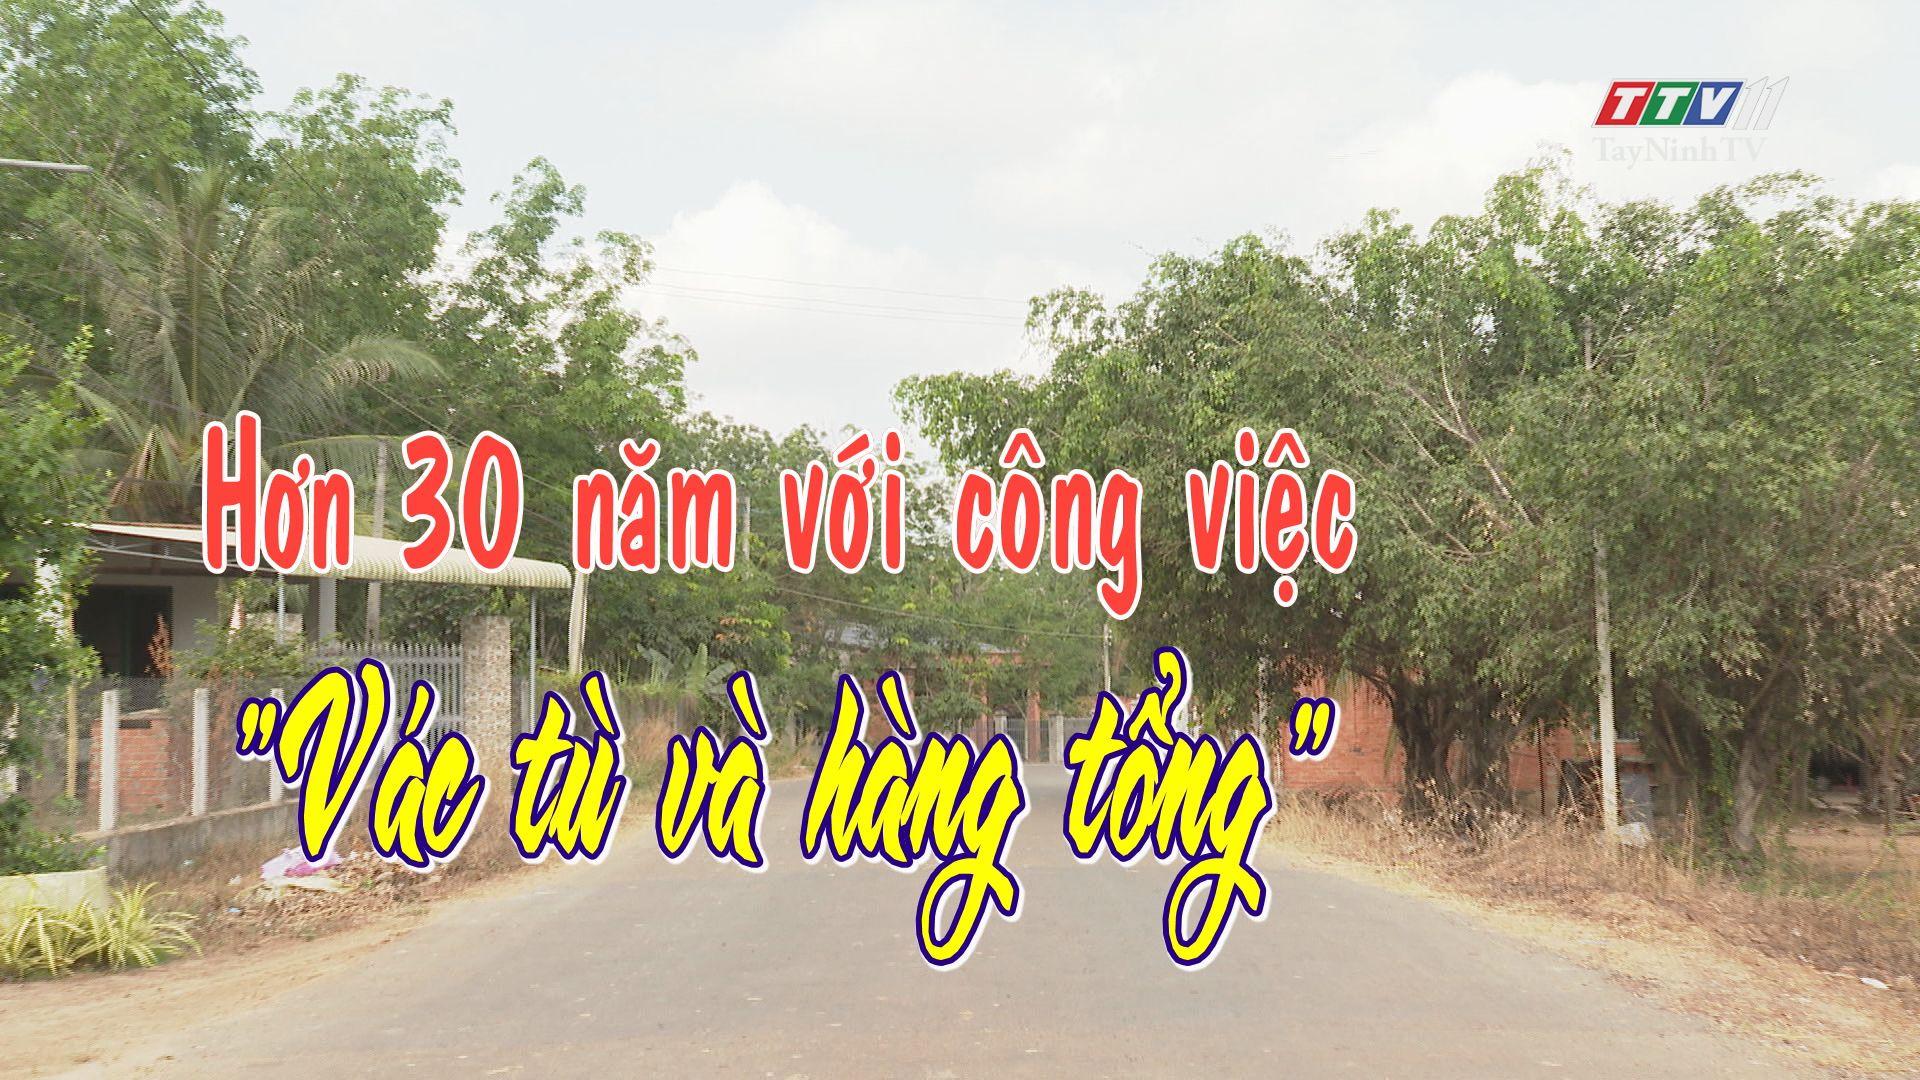 Hơn 30 năm với công việc vác tù và hàng tổng | HỌC TẬP VÀ LÀM THEO TƯ TƯỞNG HỒ CHÍ MINH | TayNinhTV